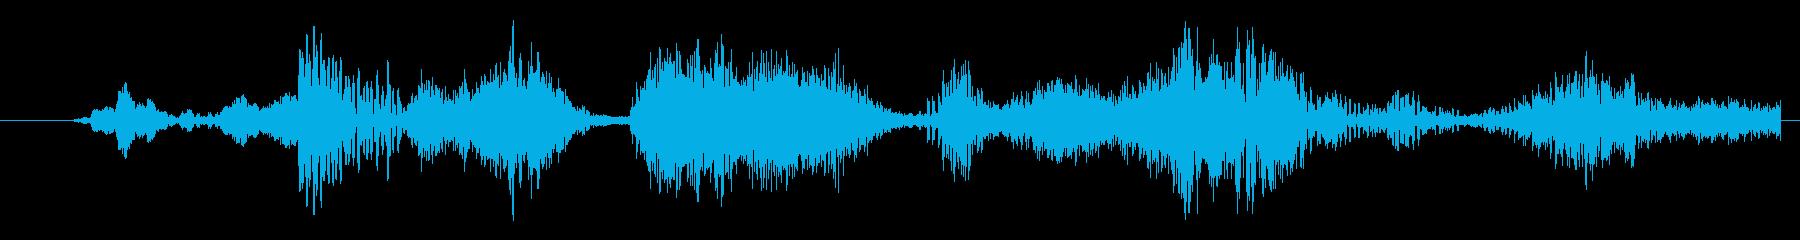 イメージ 言葉のノイズ01の再生済みの波形